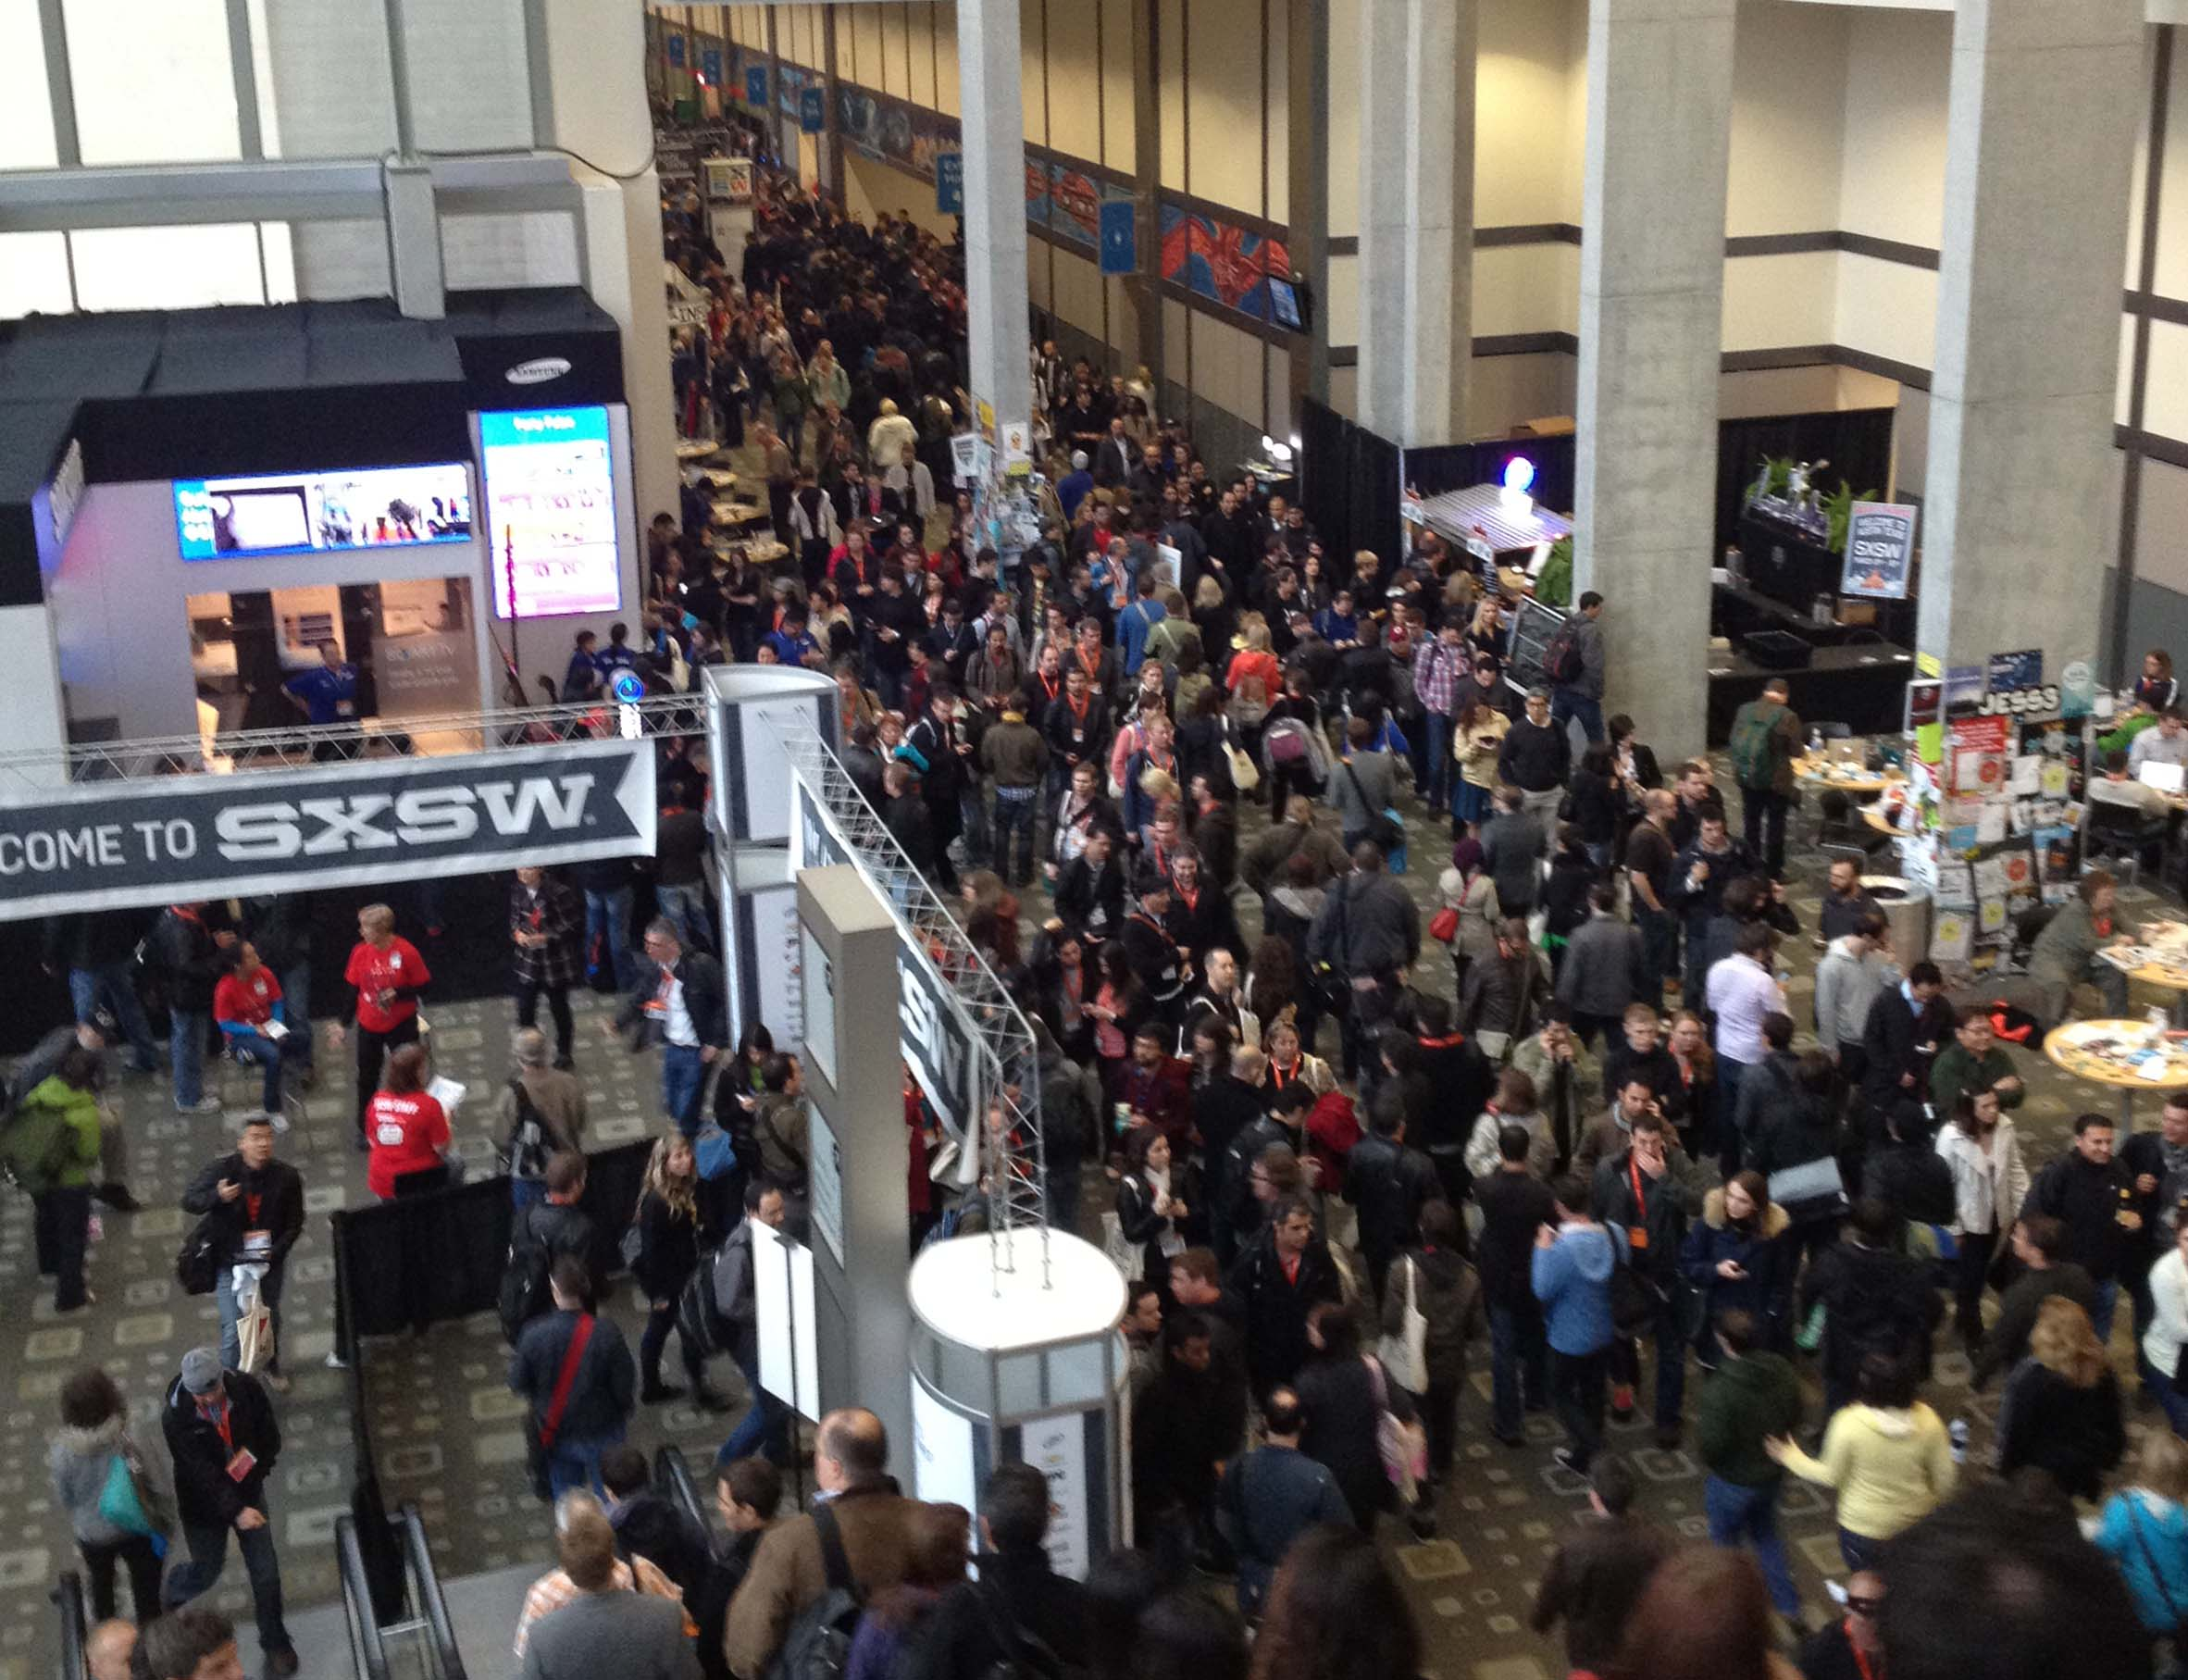 sxsw_2012_crowd